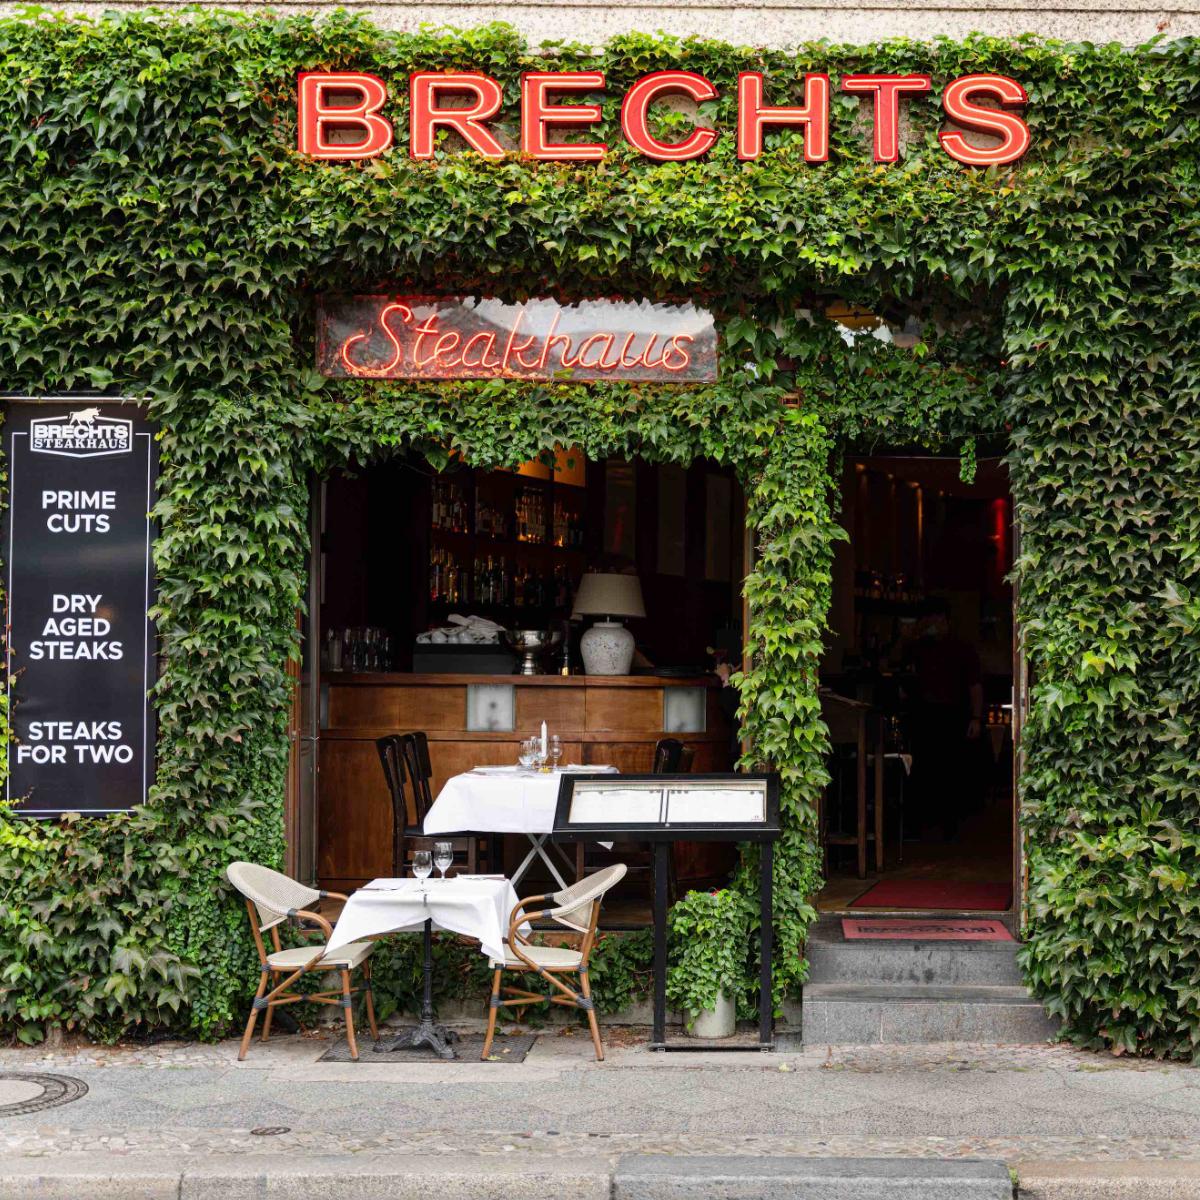 Brechts Steakhaus Berlin